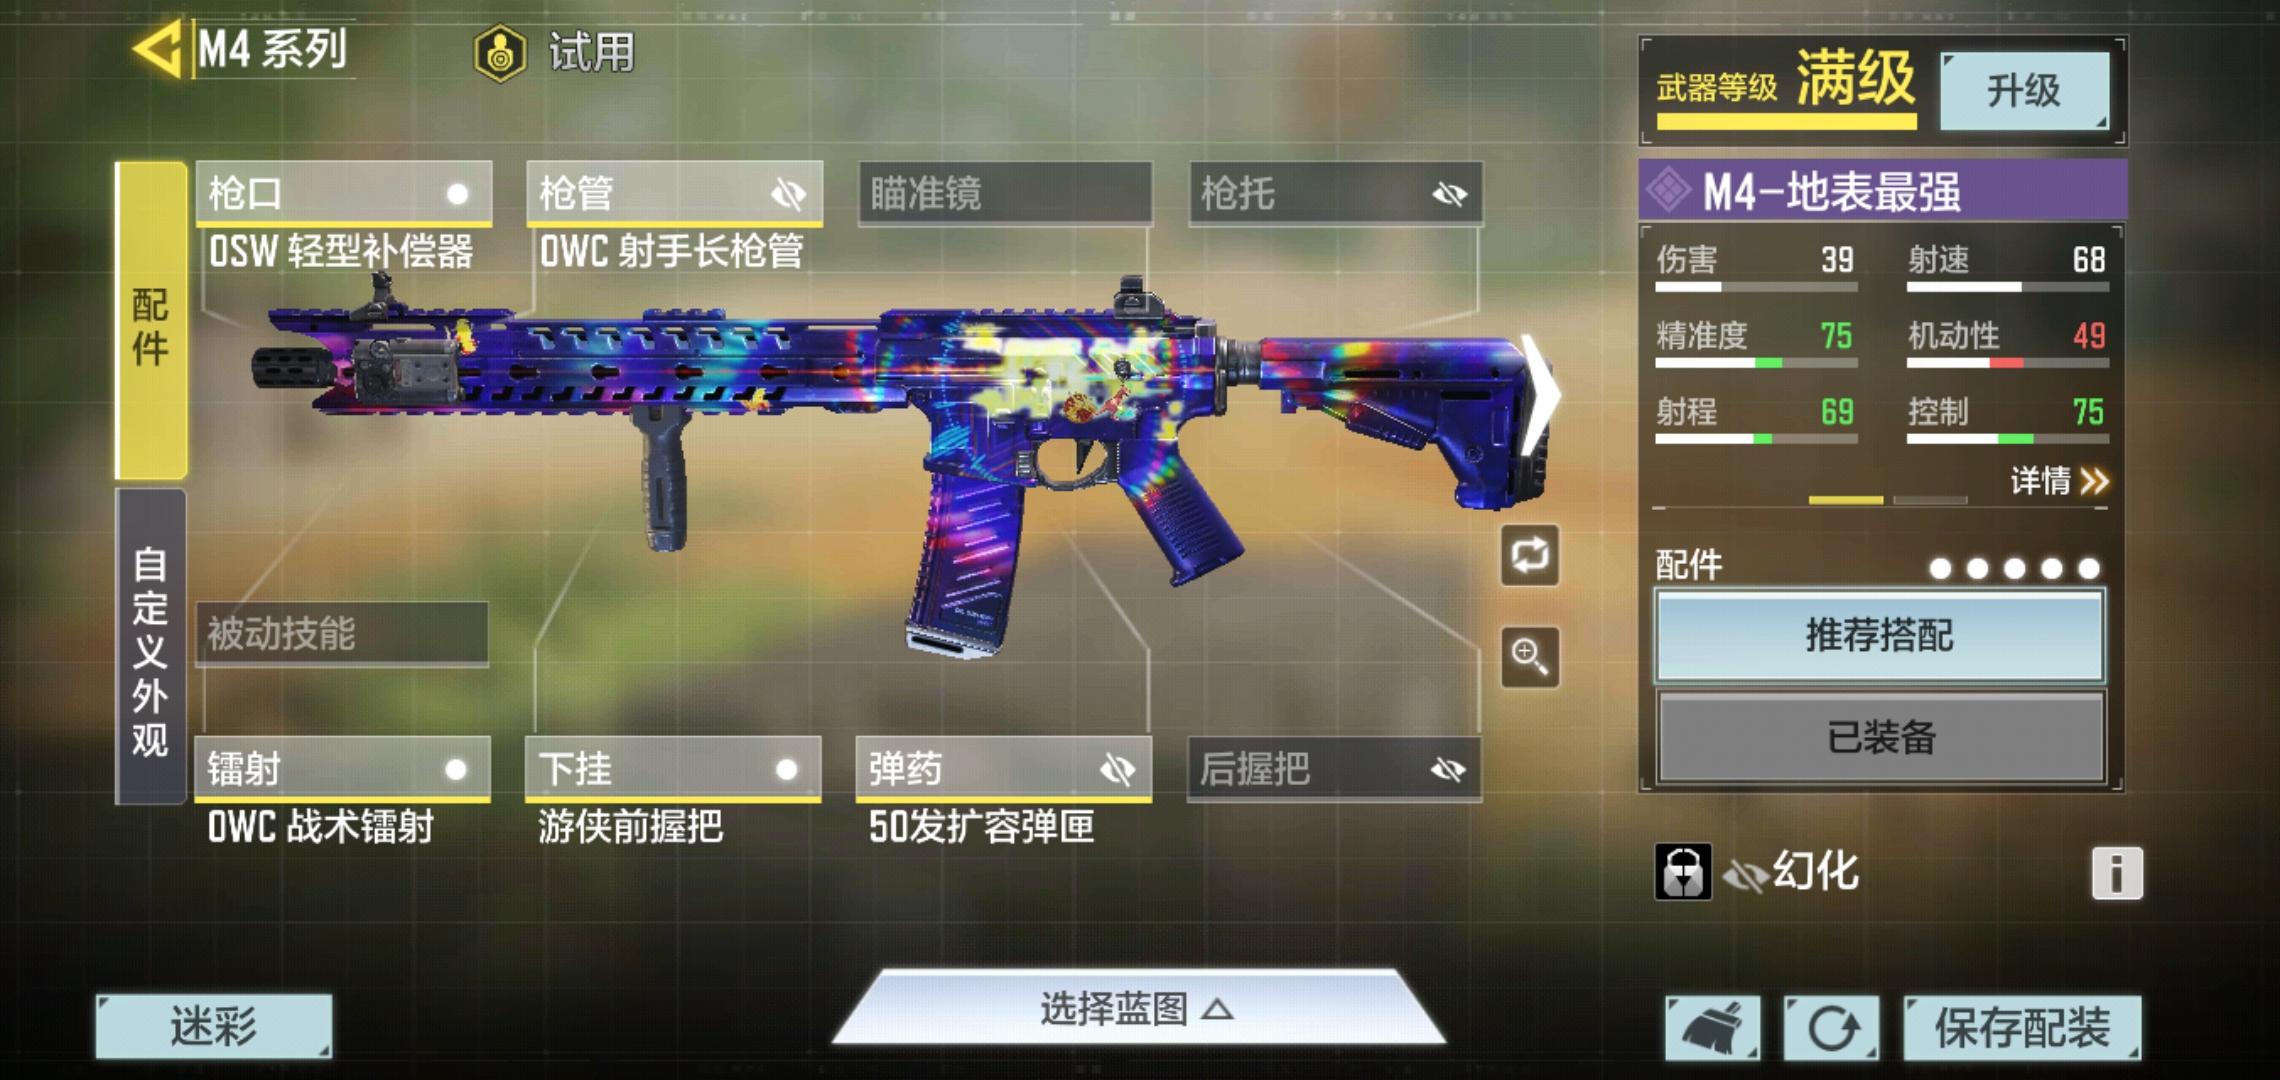 使命召唤手游M4压枪攻略 新手压枪技巧分享